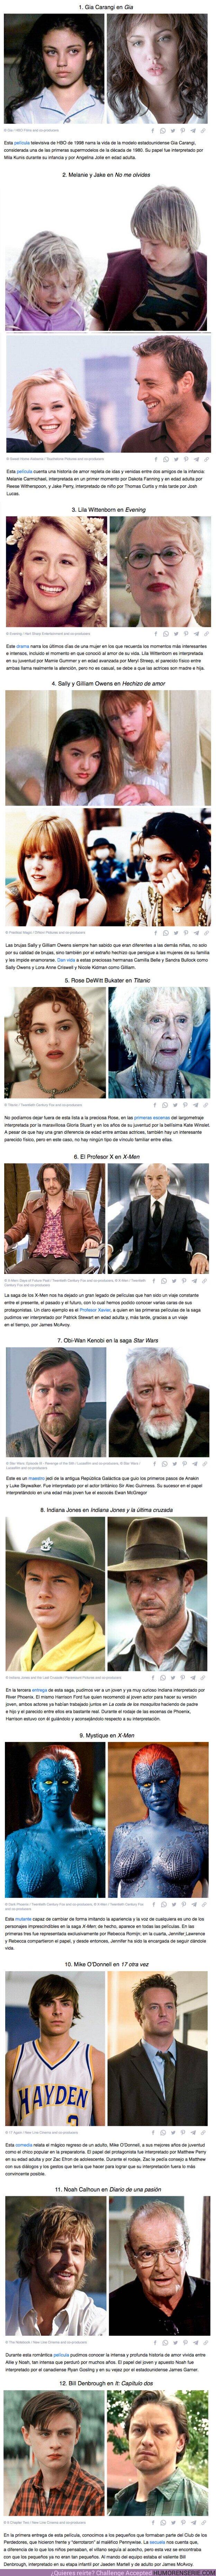 76463 - GALERÍA: 12 Pares de actores que interpretaron al mismo personaje en distintas edades